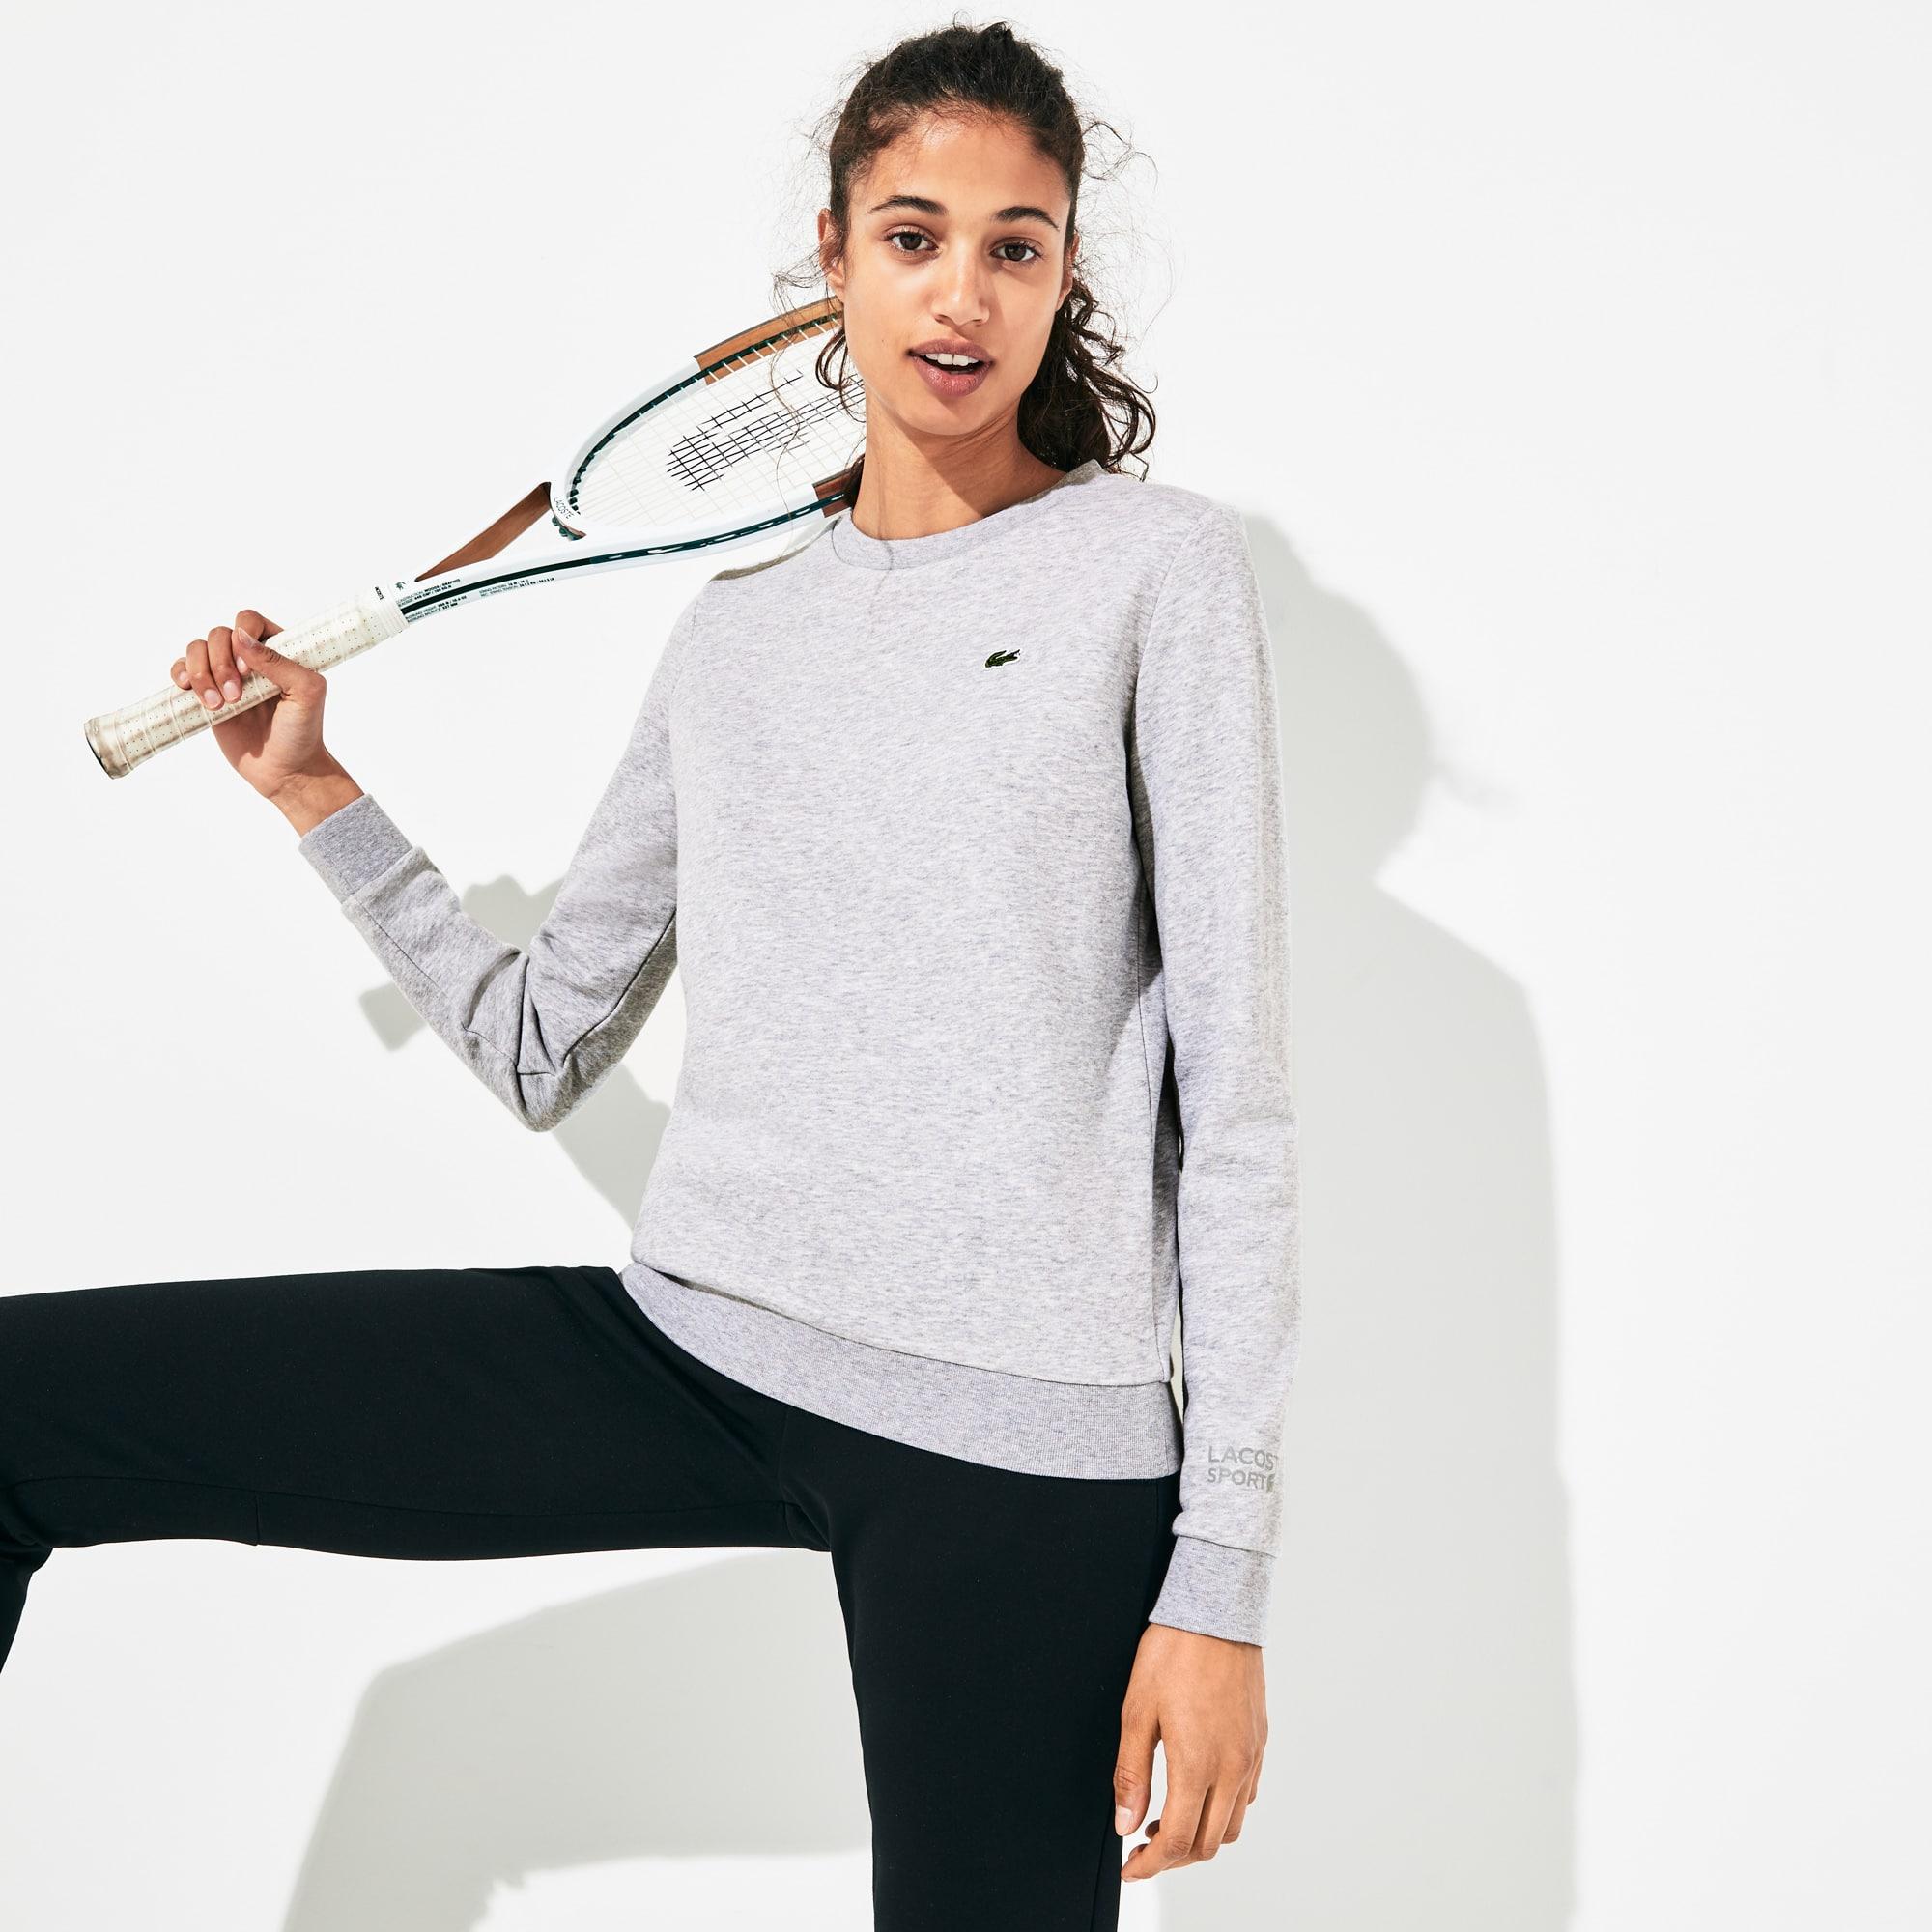 Women's Lacoste SPORT Tennis Cotton Fleece Sweatshirt